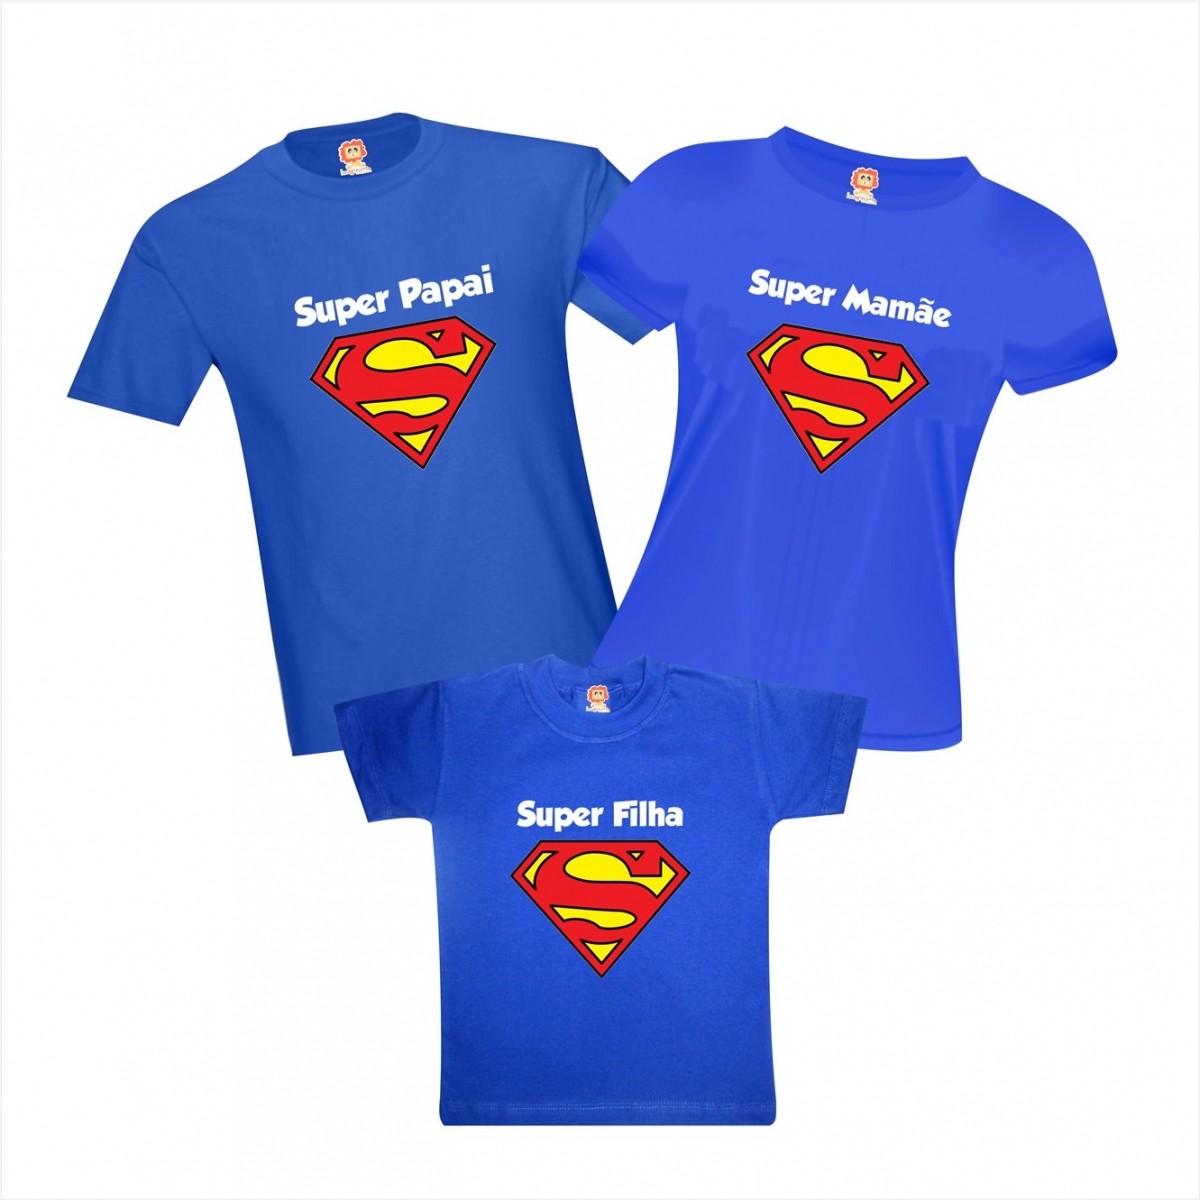 Camisetas Super Papai, Mamãe e Filho(a) - Família Heróis